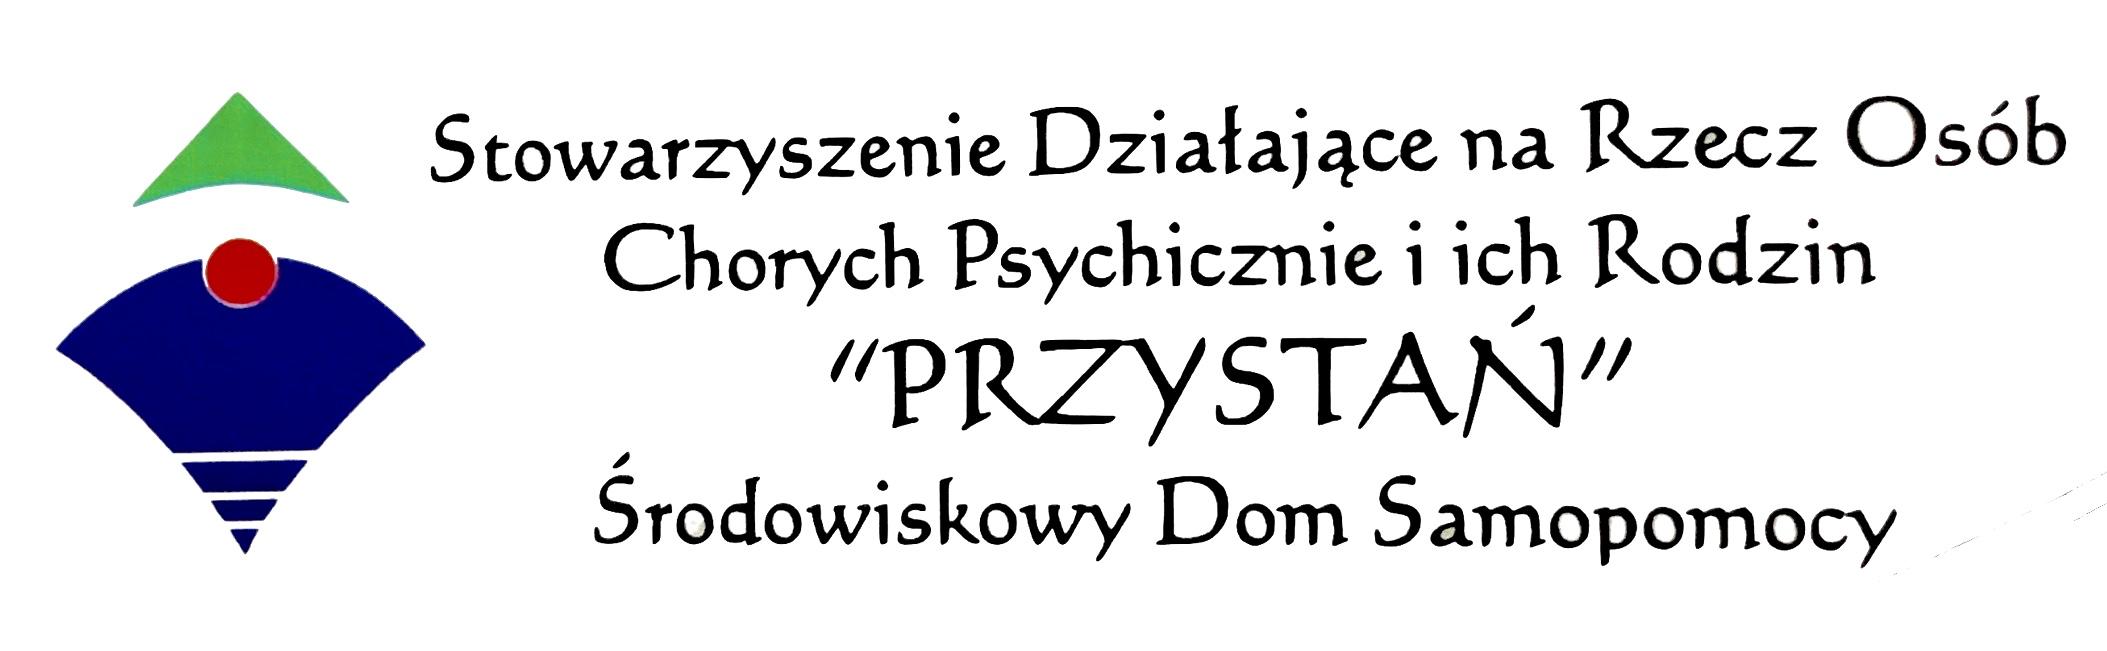 """Stowarzyszenie Działające na Rzecz Osób Chorych Psychicznie i Ich Rodzin """"Przystań"""""""